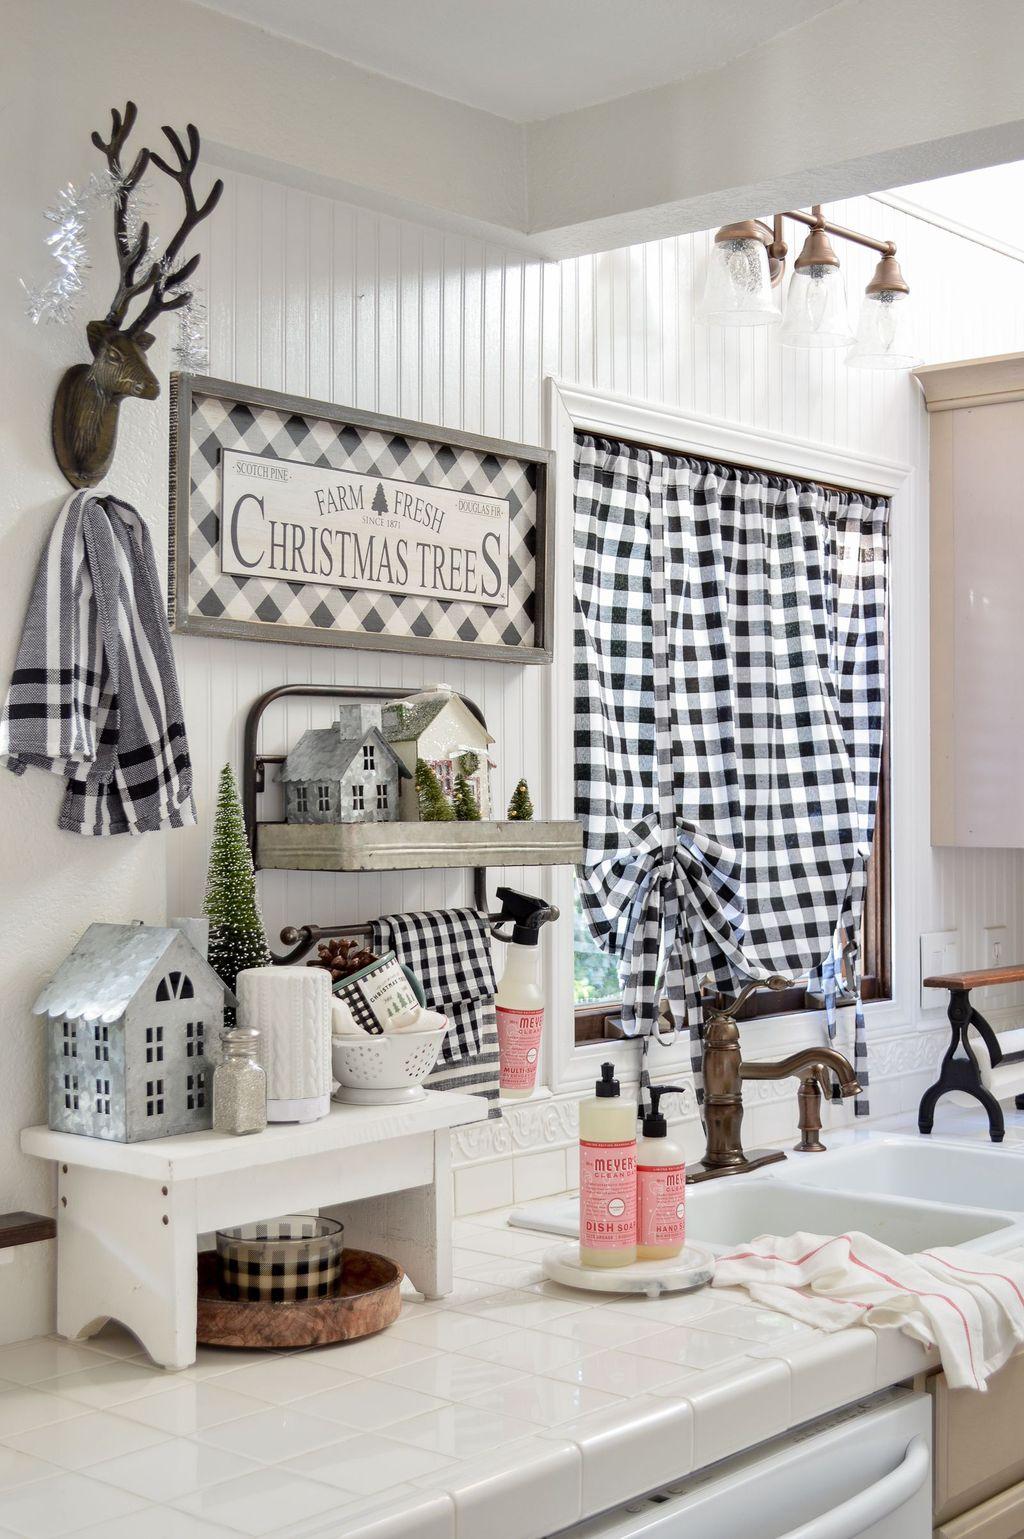 Awesome Christmas Theme Kitchen Decor Ideas 01